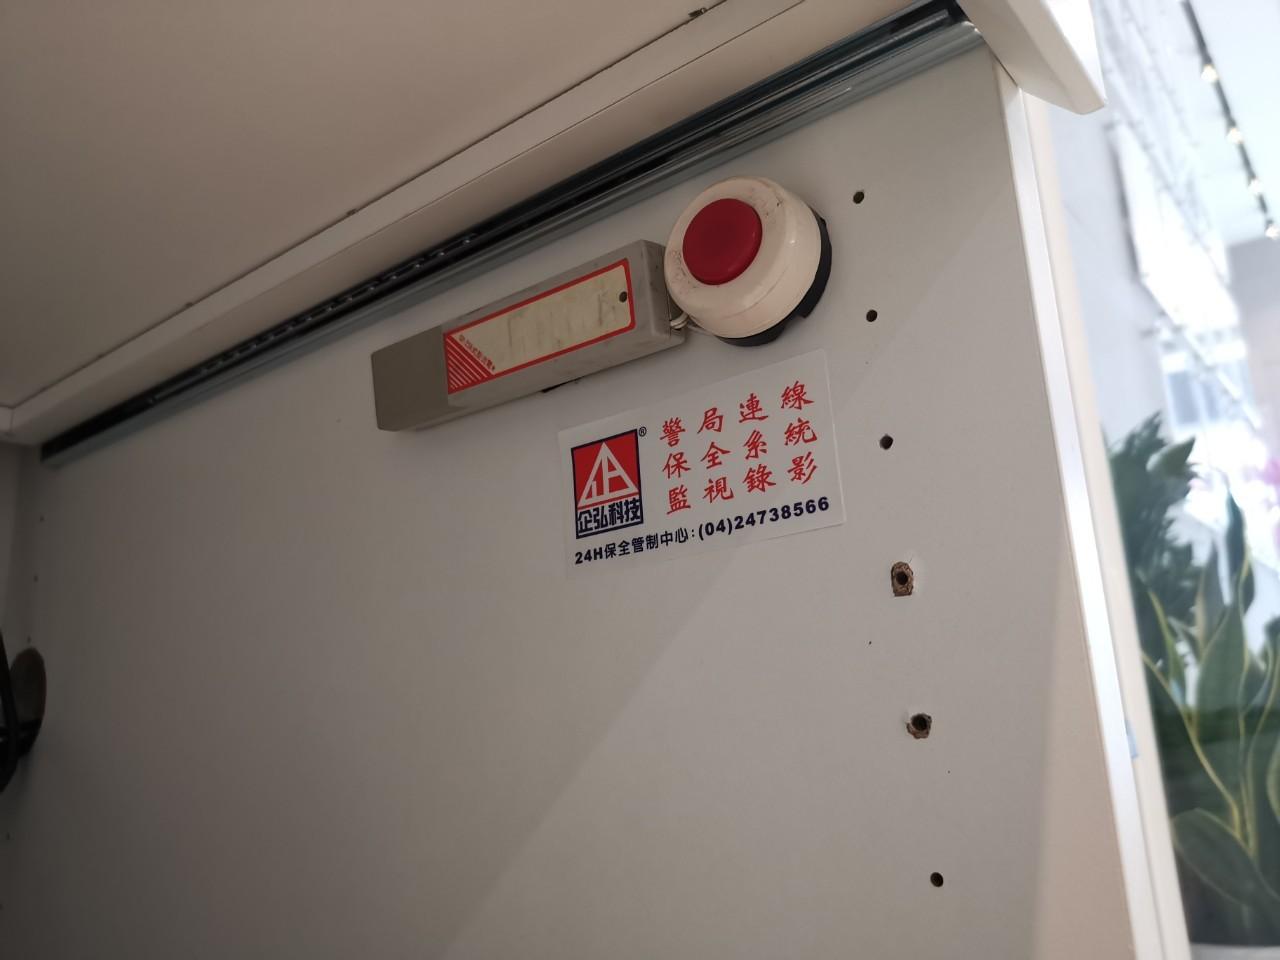 LINE ALBUM 110 0902中科好晴天診所警局連線開通 210902 3